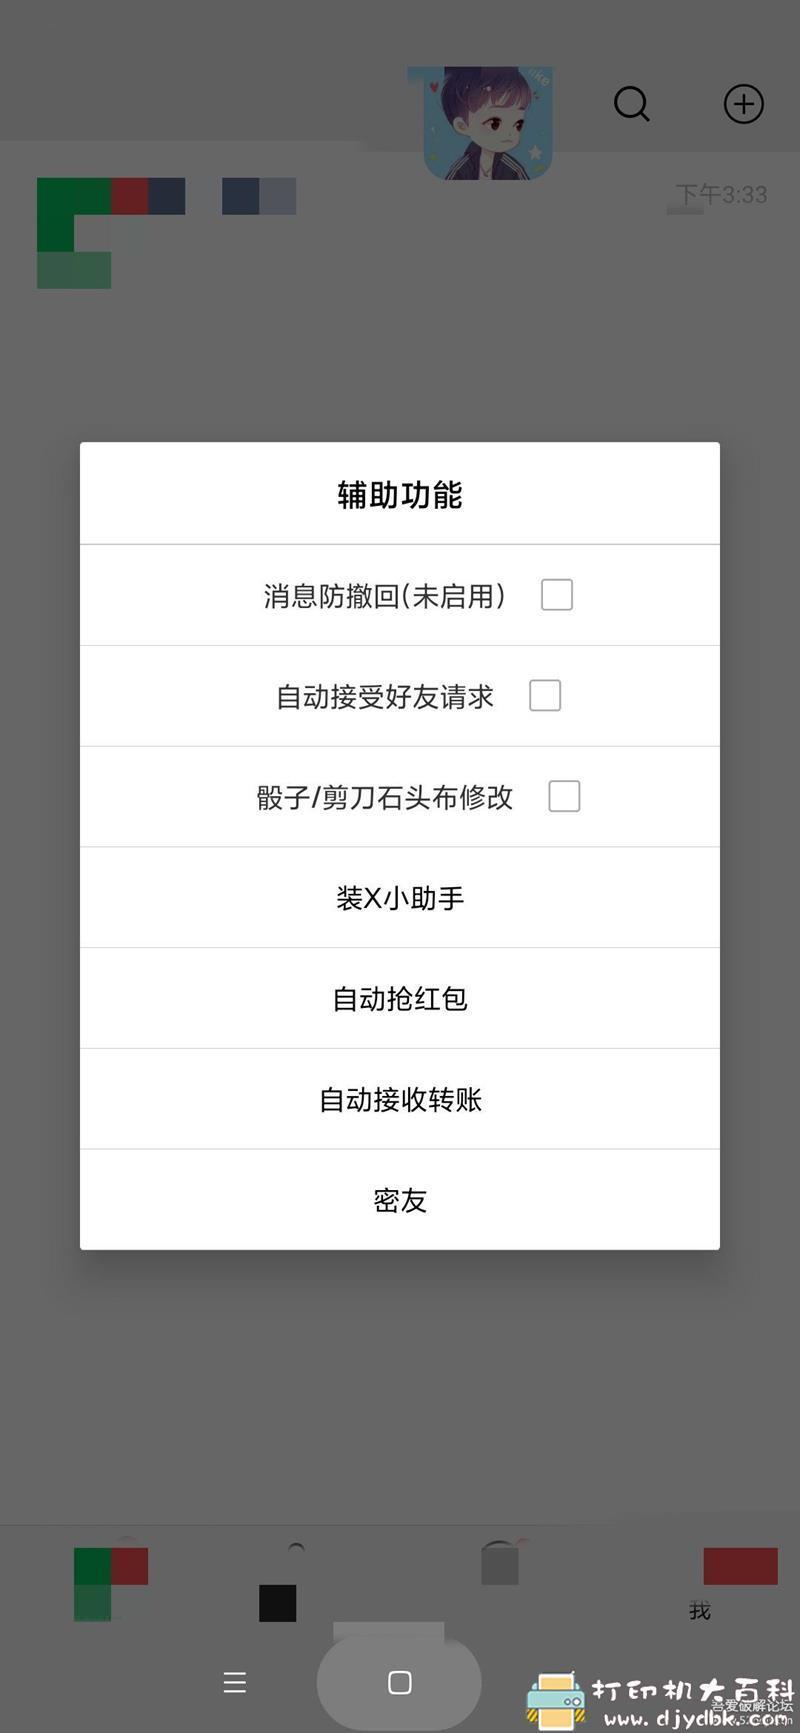 [Android]微信辅助工具 萌豆助手5.0(兼容安卓10) 配图 No.3